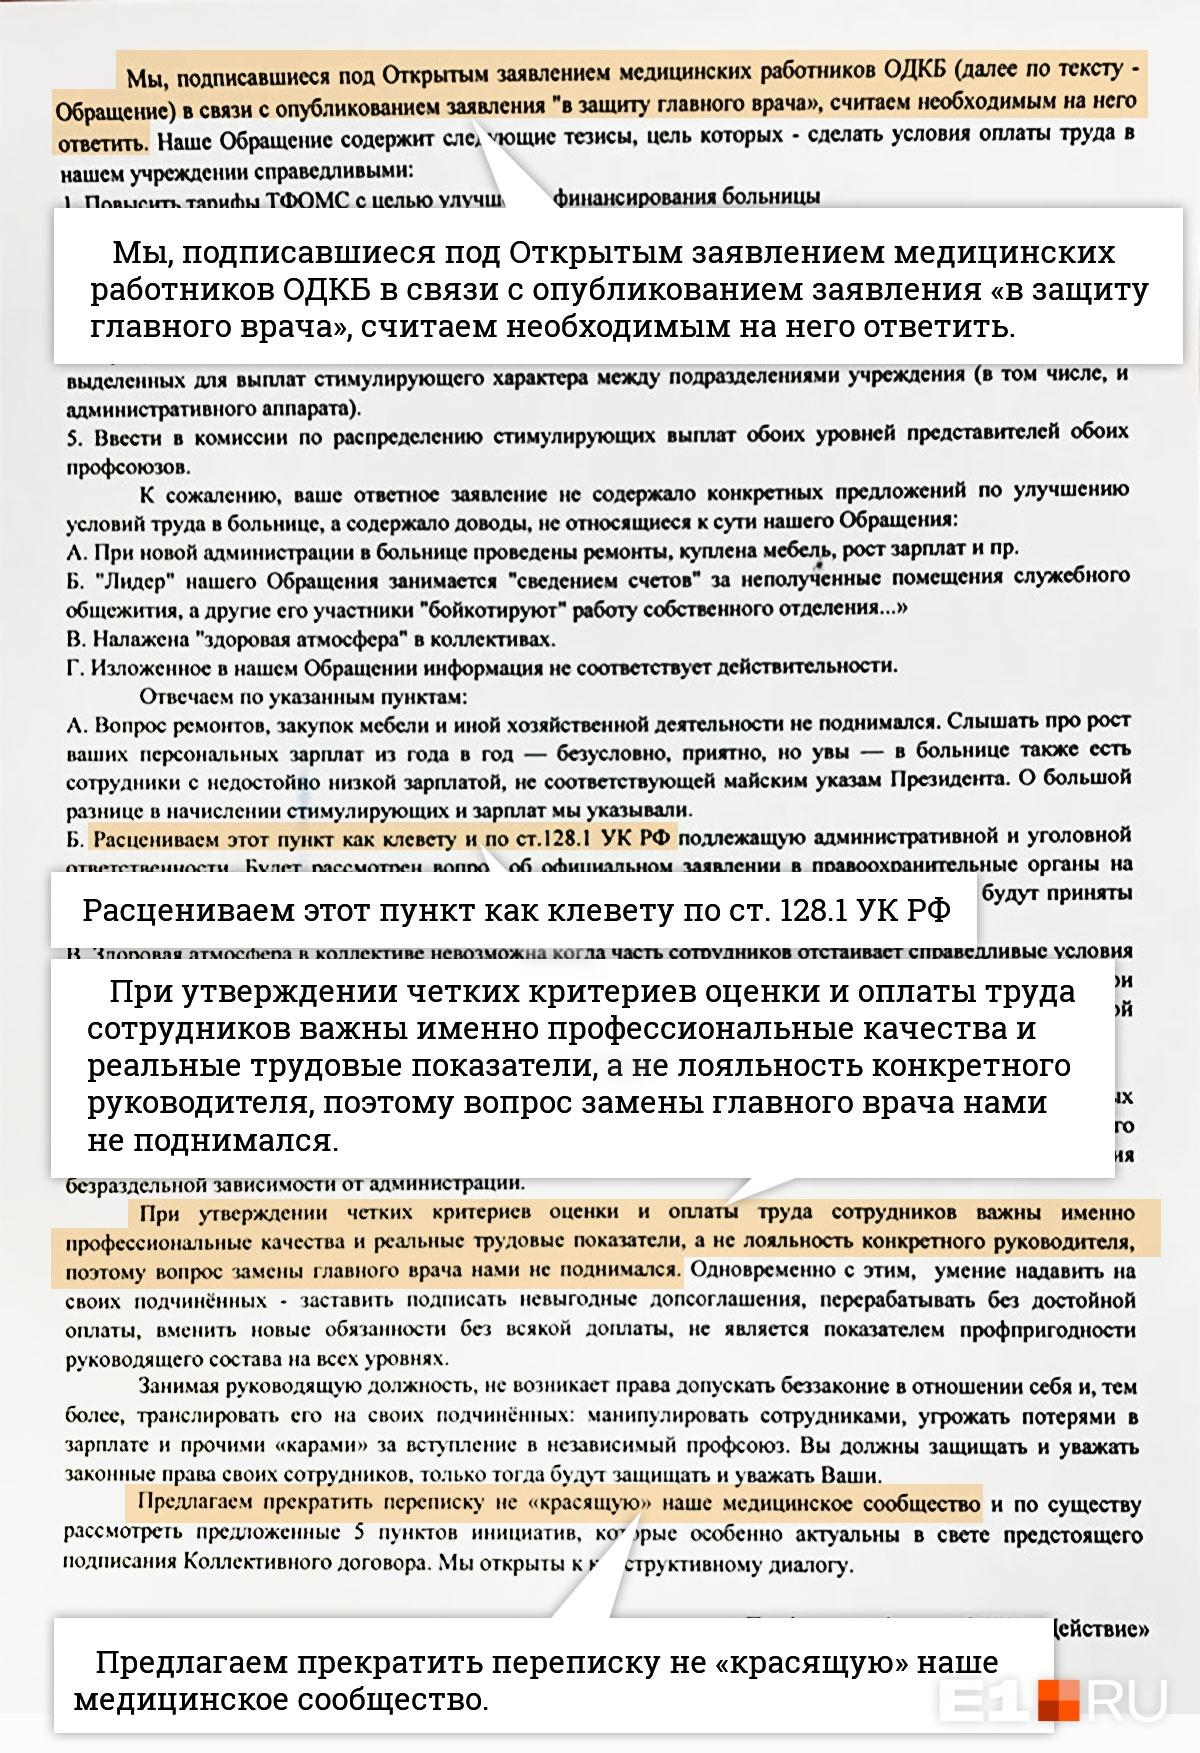 Третье письмо сотрудников ОДКБ появилось незадолго до визита в больницу министра здравоохранения области Андрея Цветкова